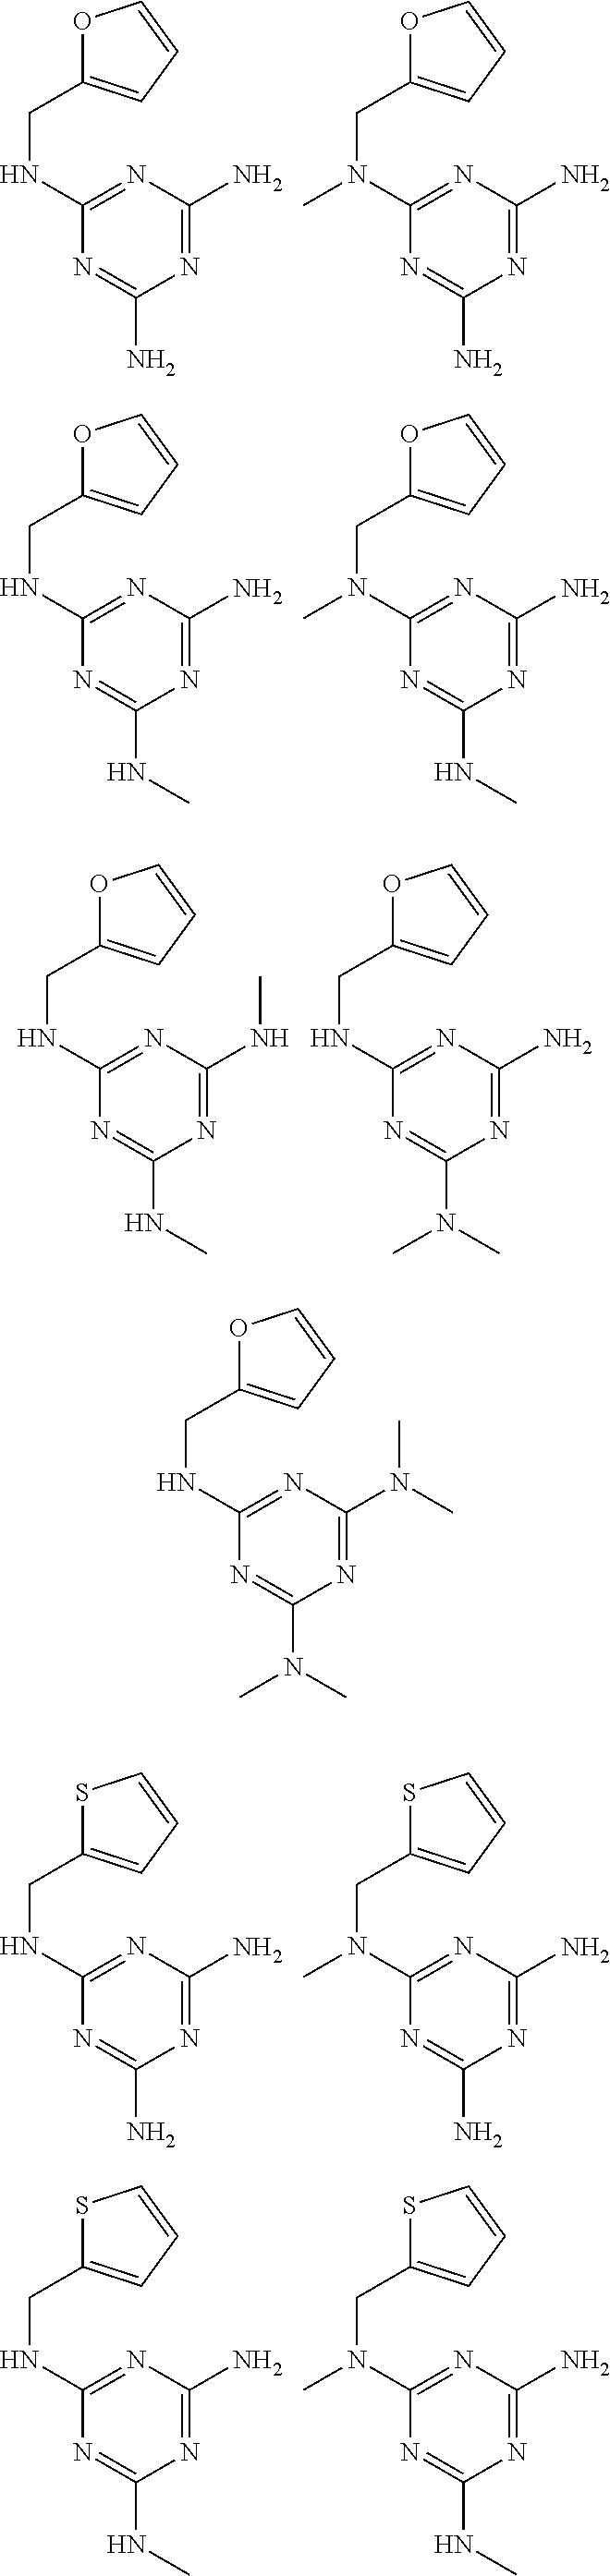 Figure US09480663-20161101-C00130